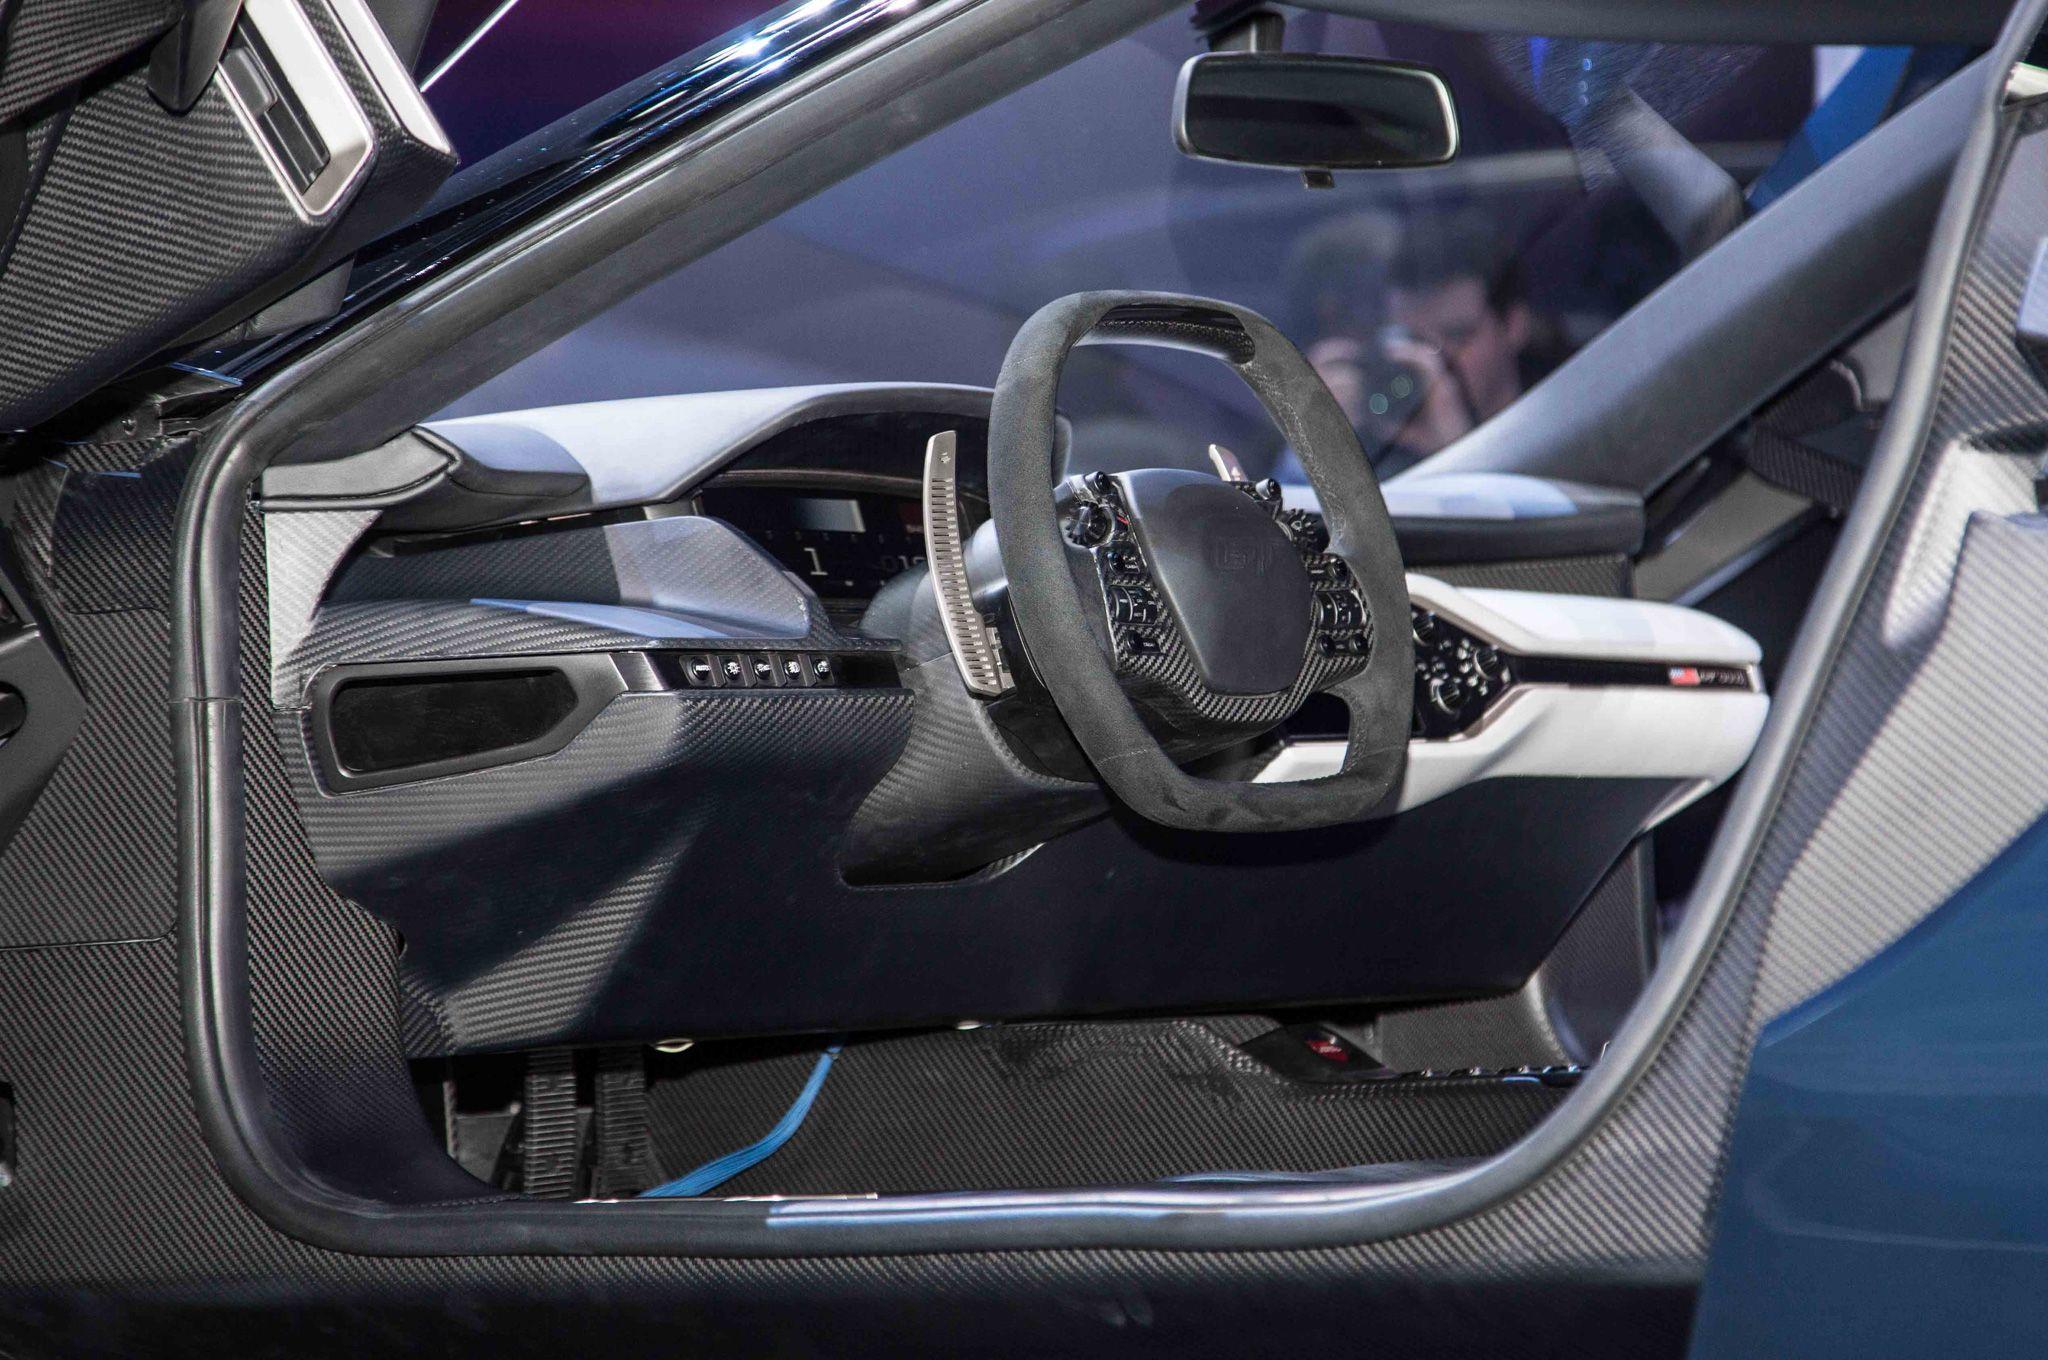 rsultats de recherche dimages pour ford gt interior